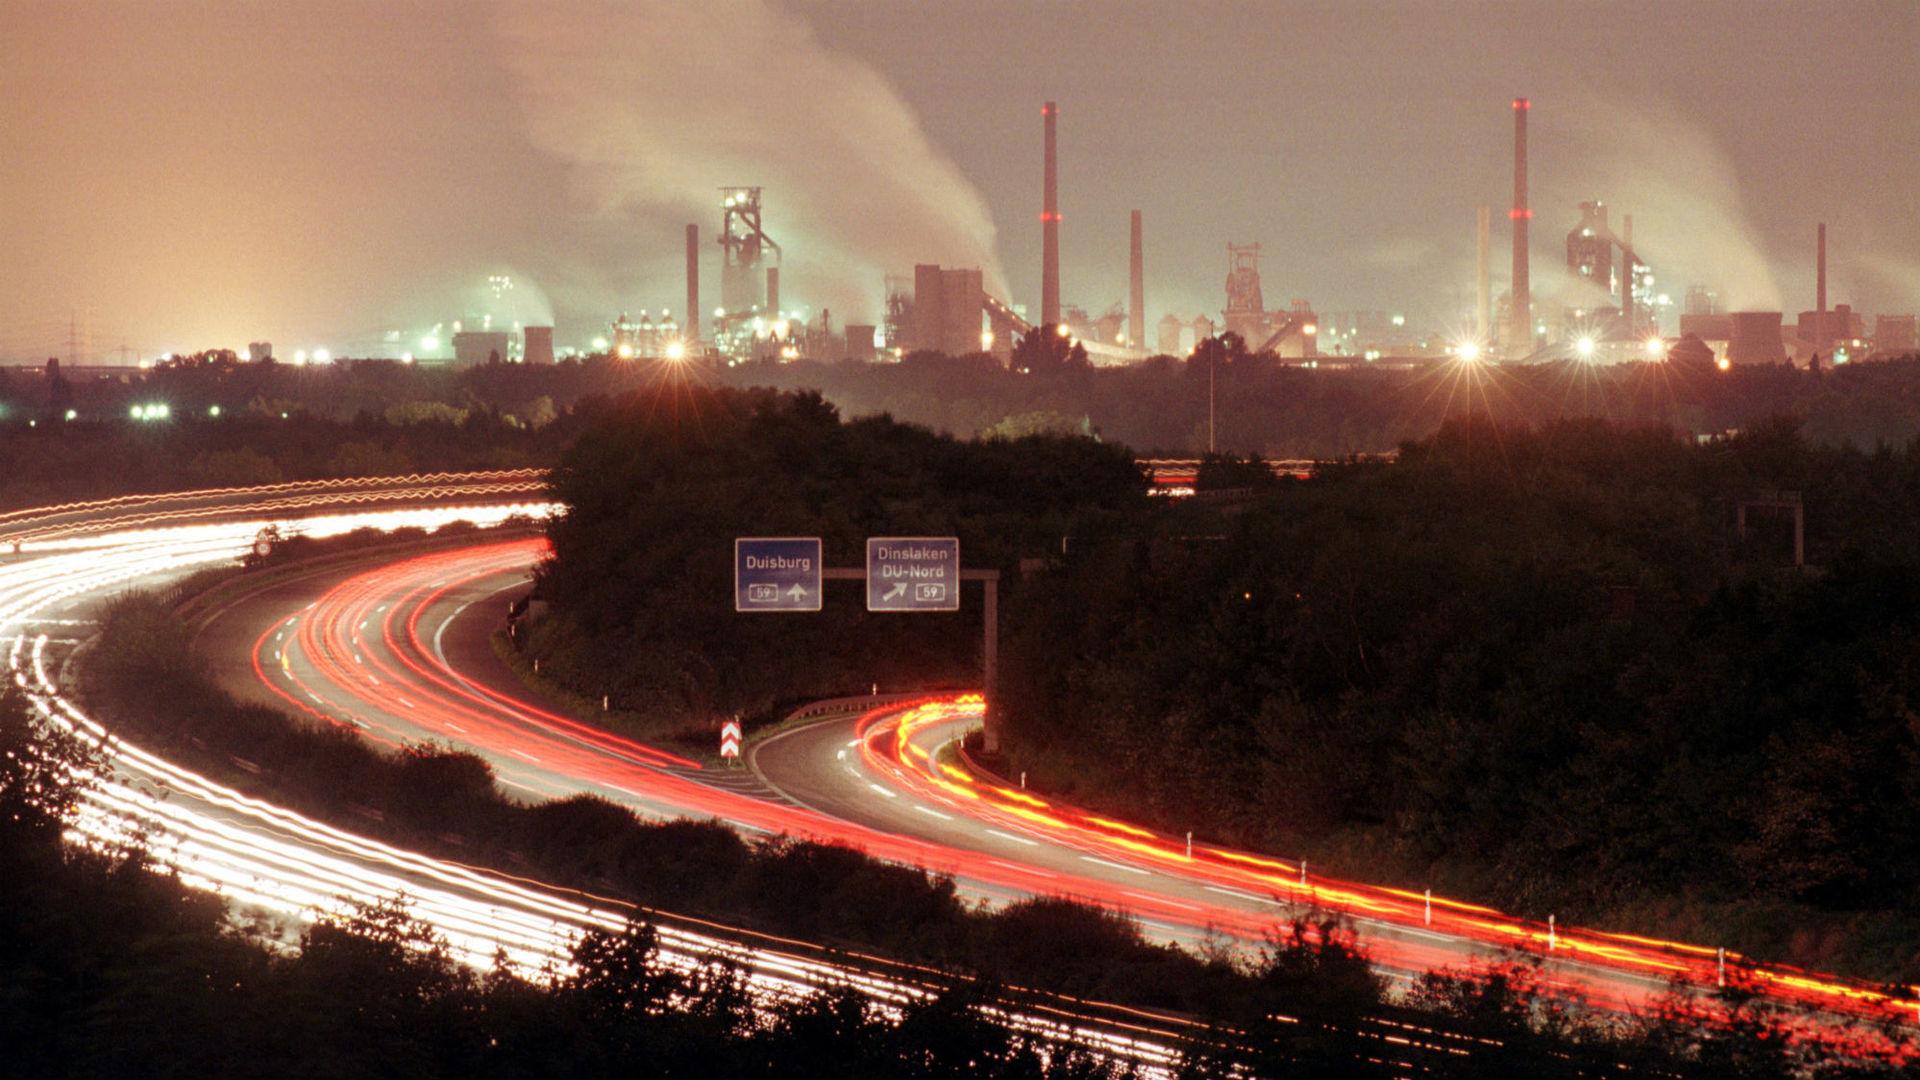 световое загрязнение города